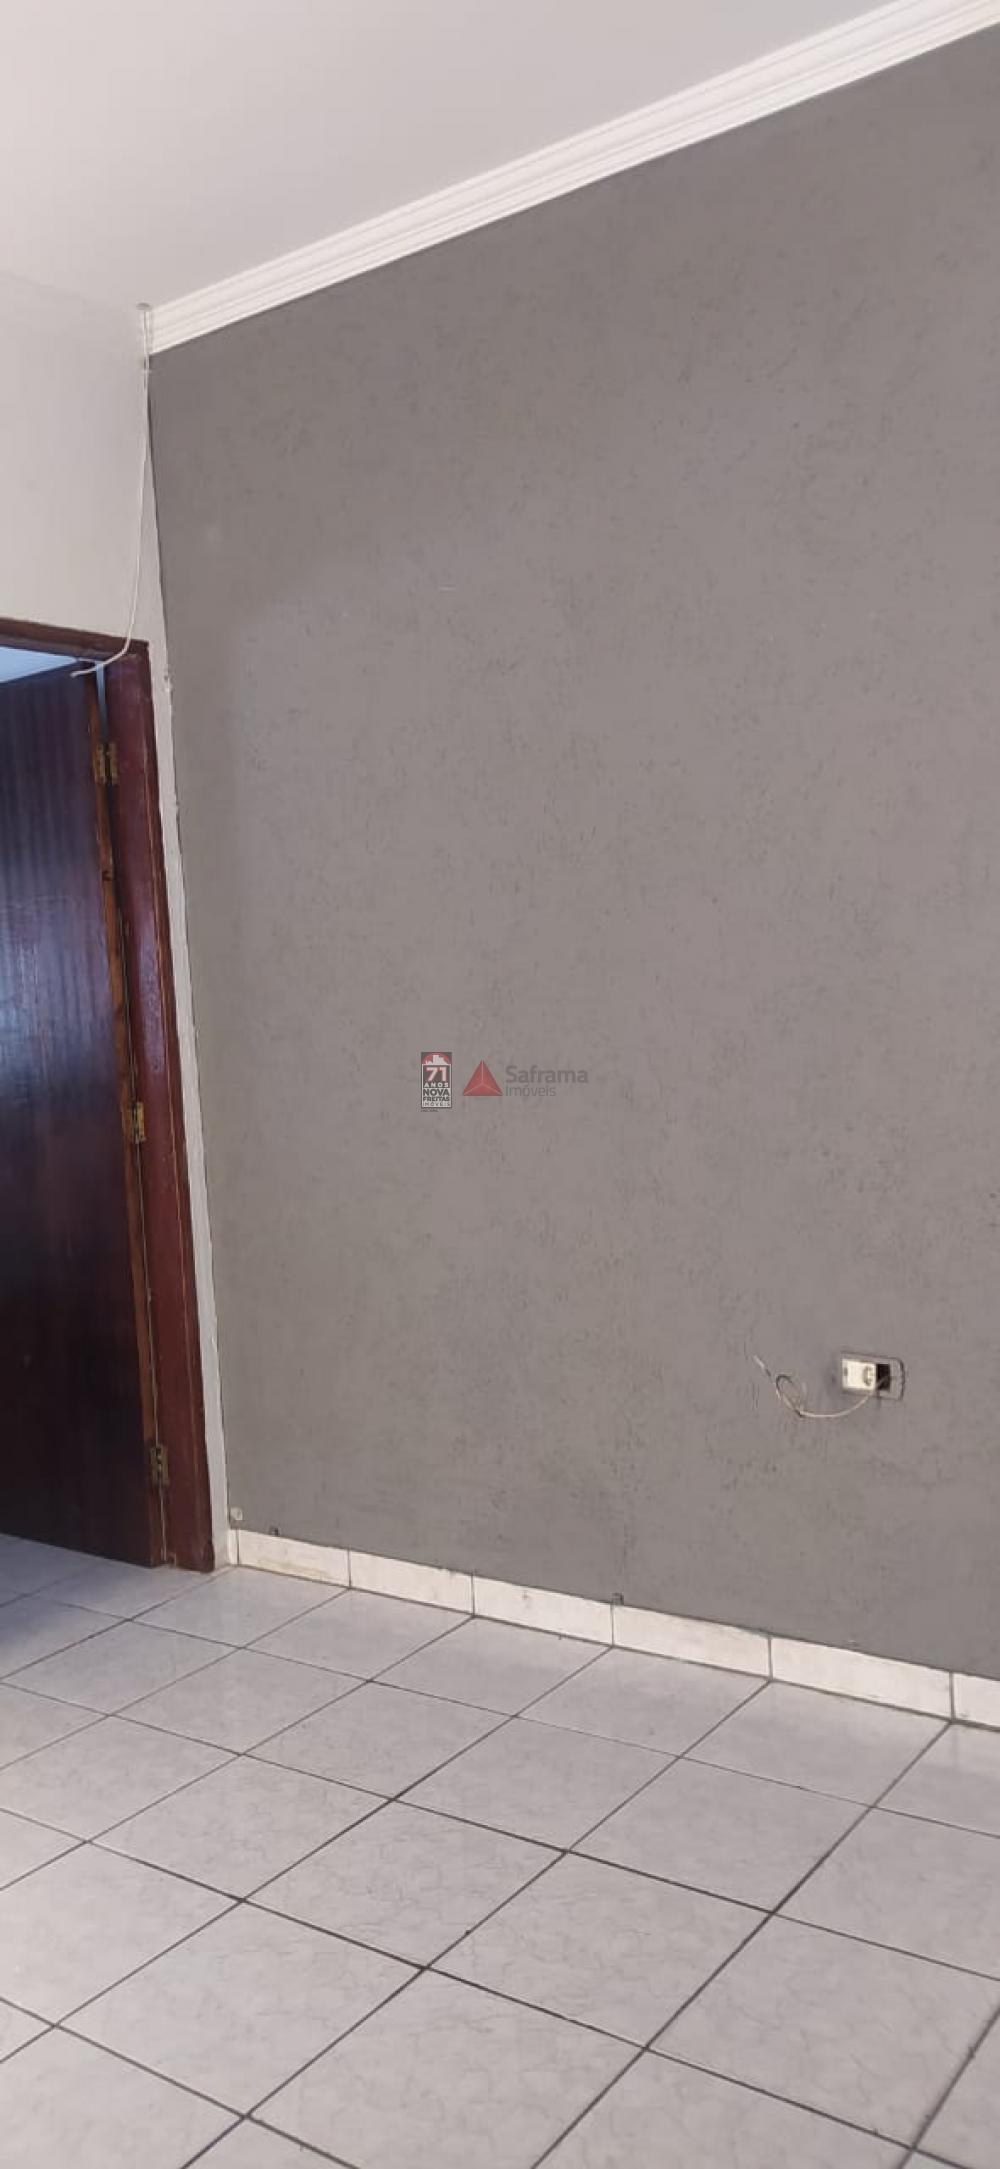 Comprar Casa / Padrão em São José dos Campos apenas R$ 276.000,00 - Foto 2